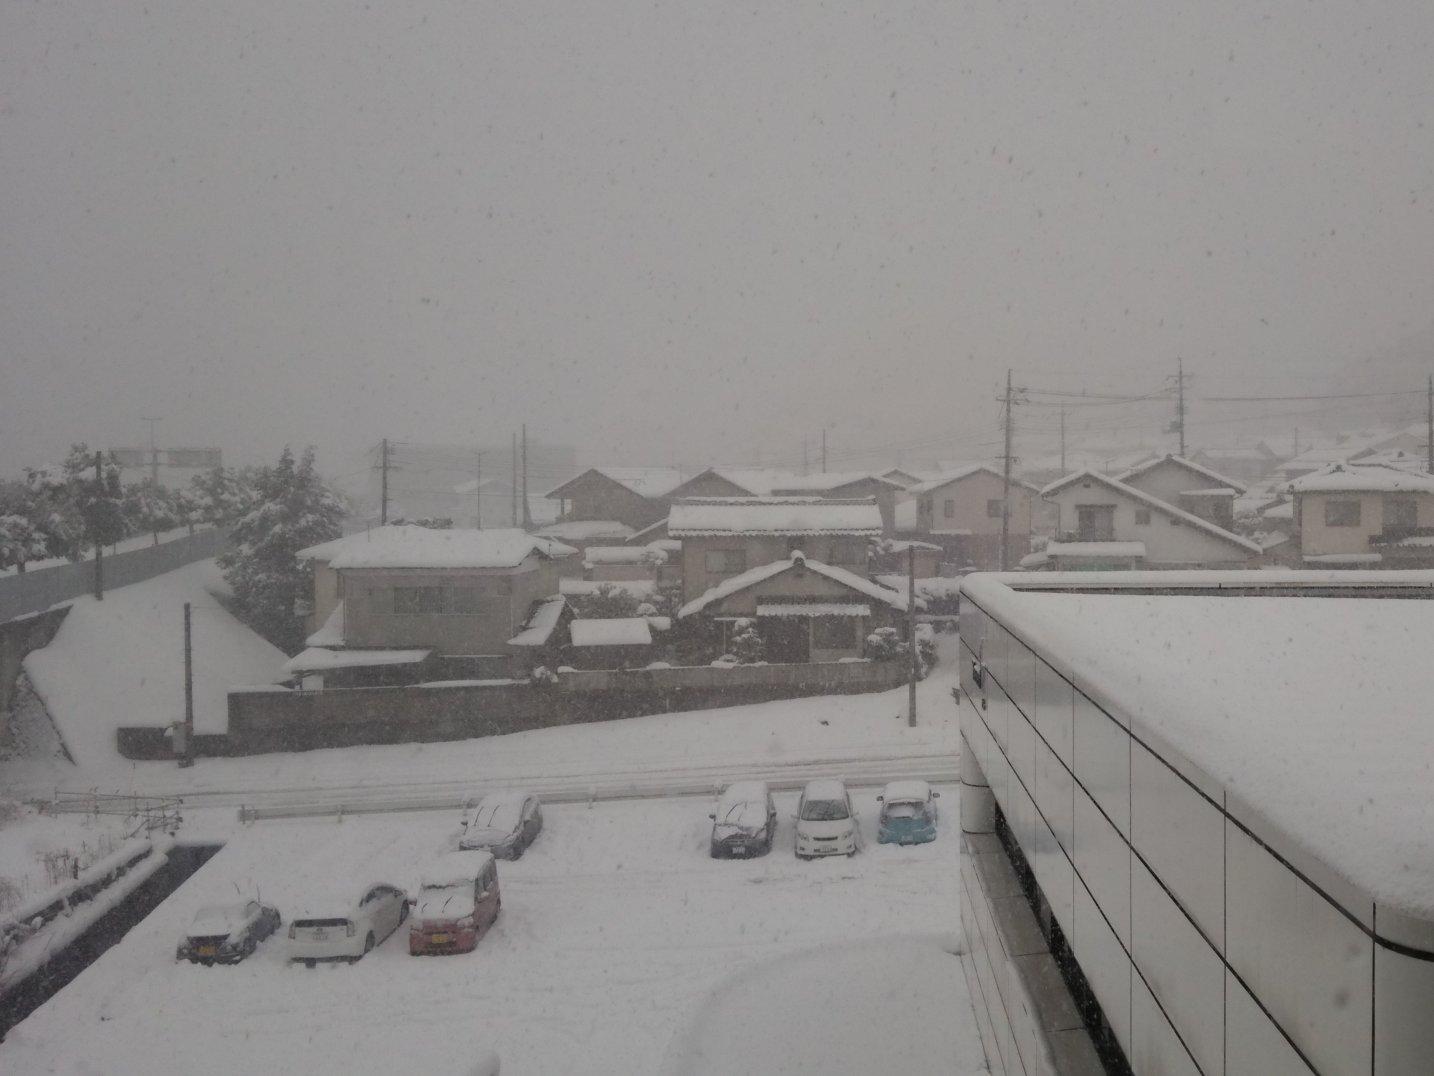 鳥取で30年ぶりの記録的豪雪